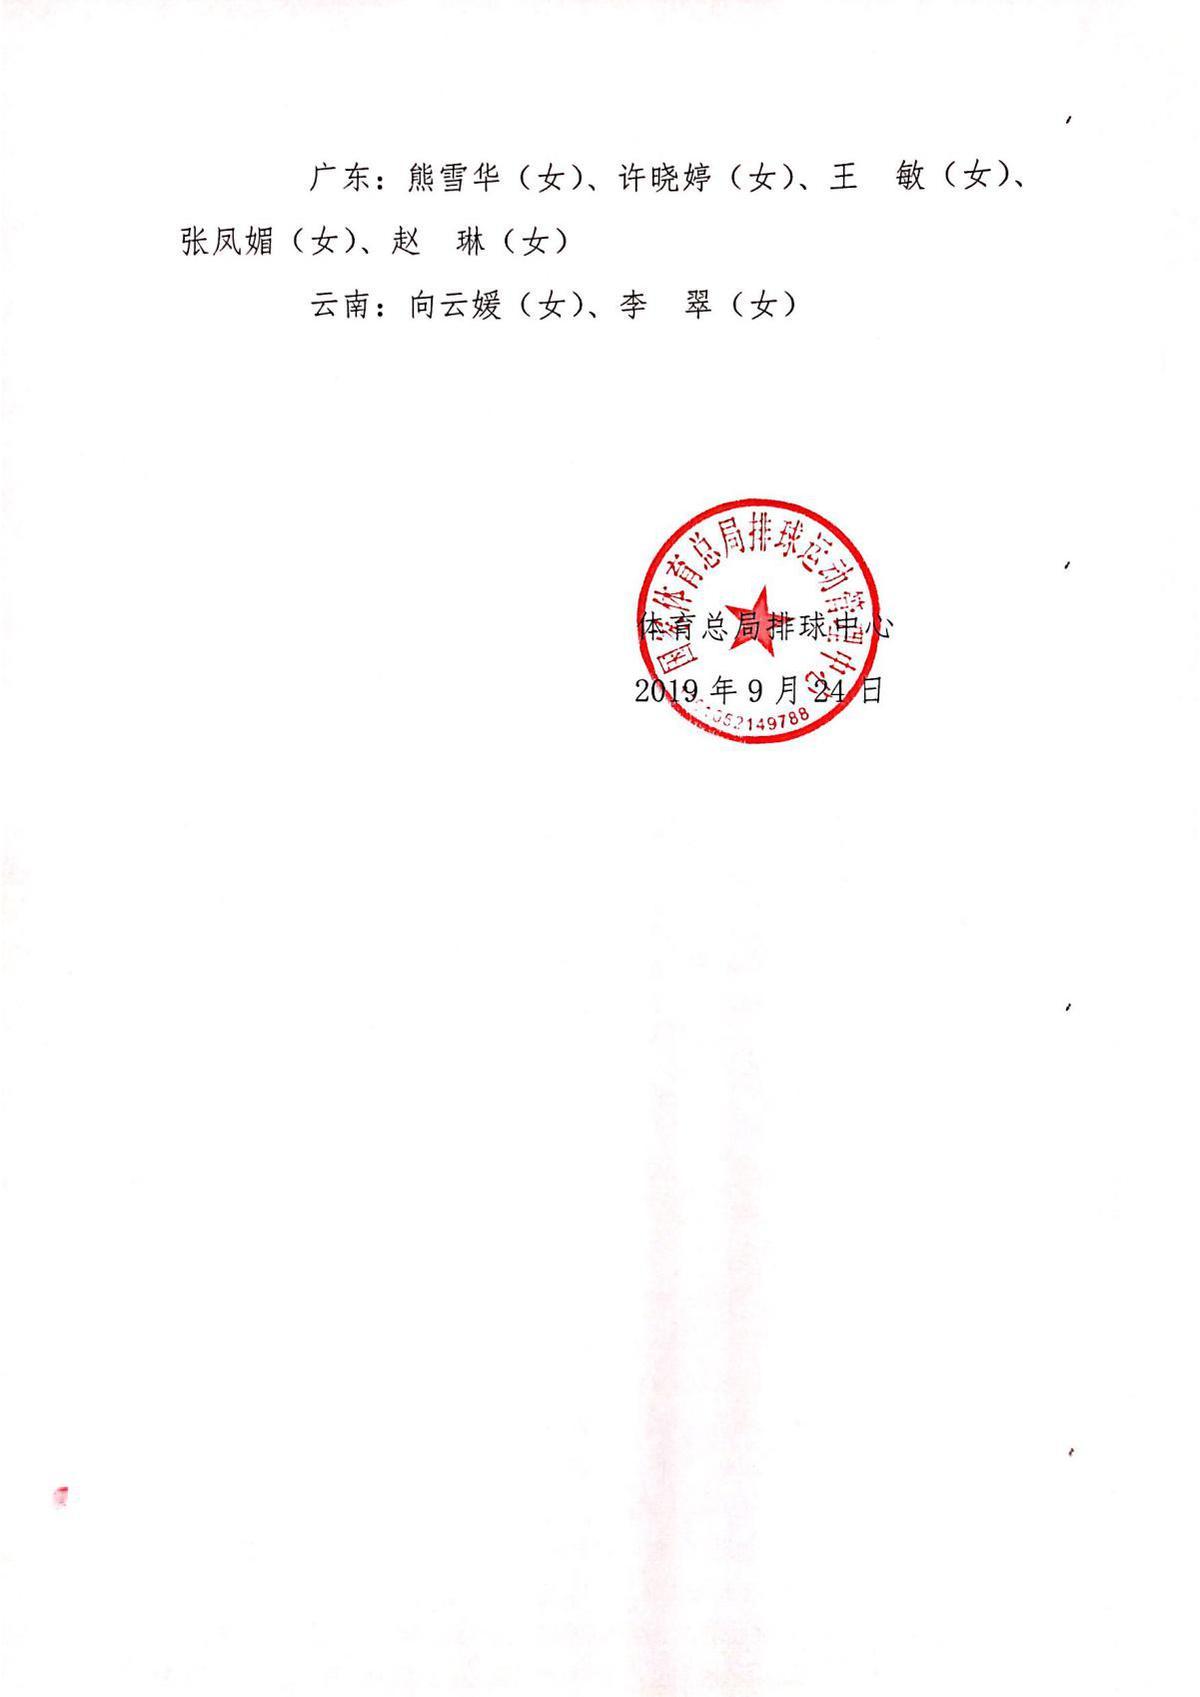 健将名单公示_01